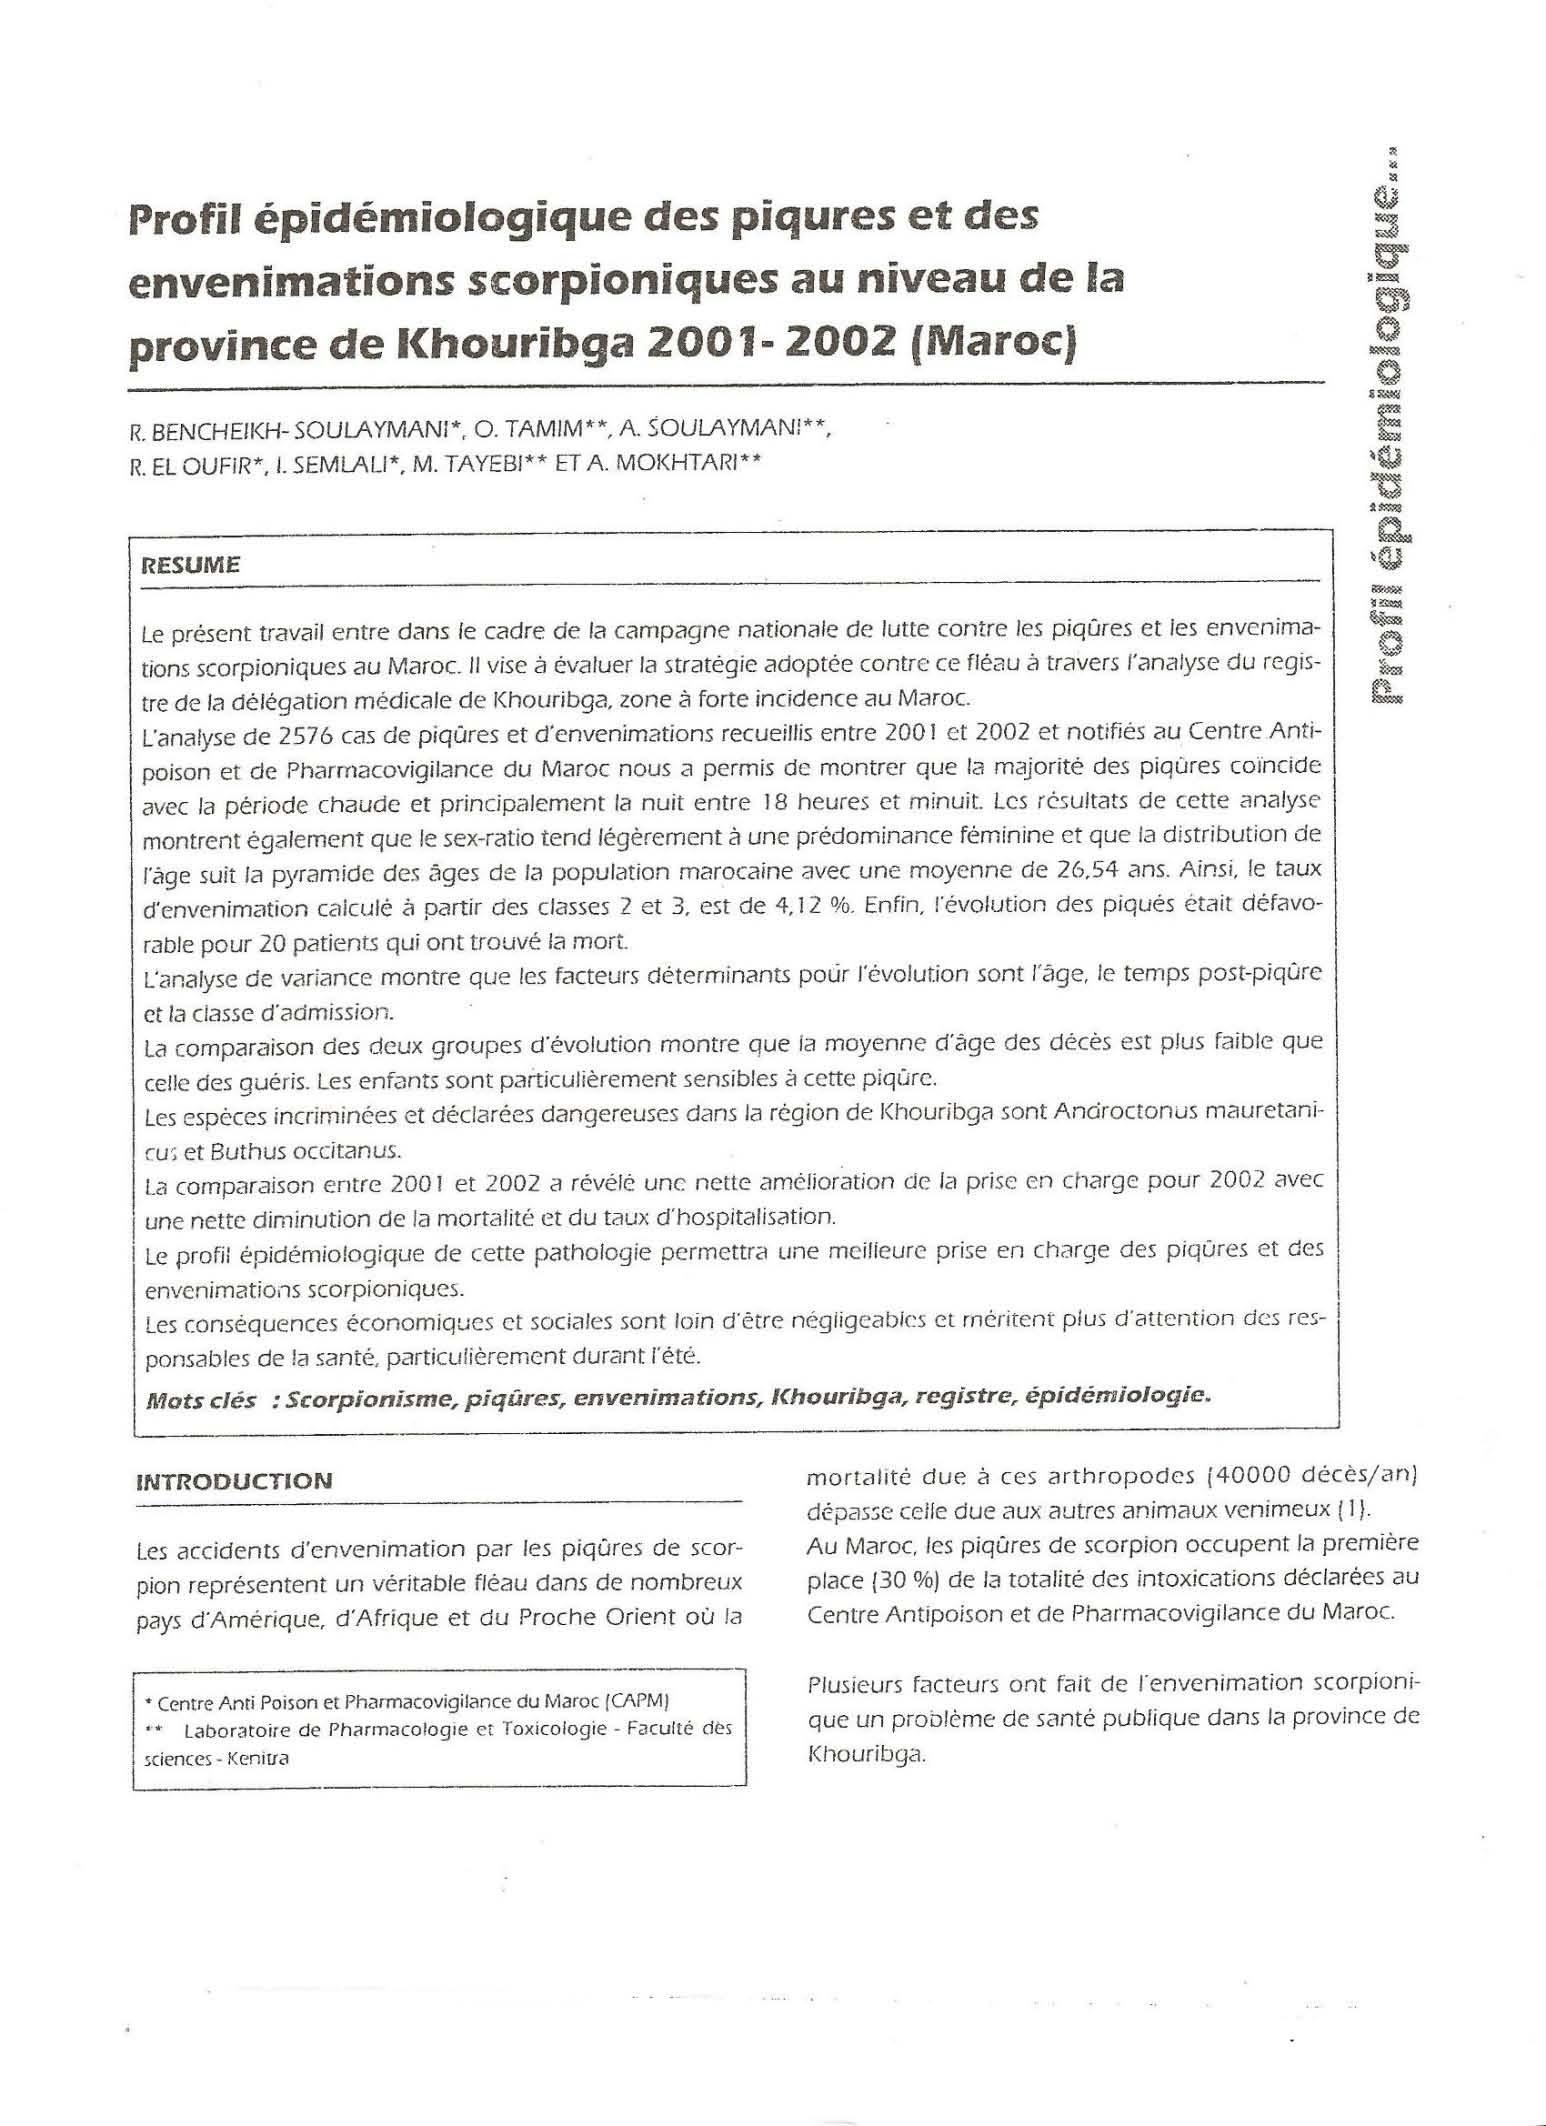 Page' 1 Scorpionisme, Epidémiologie et Facteurs de Risque au Maroc  cas de la province de Khouribga